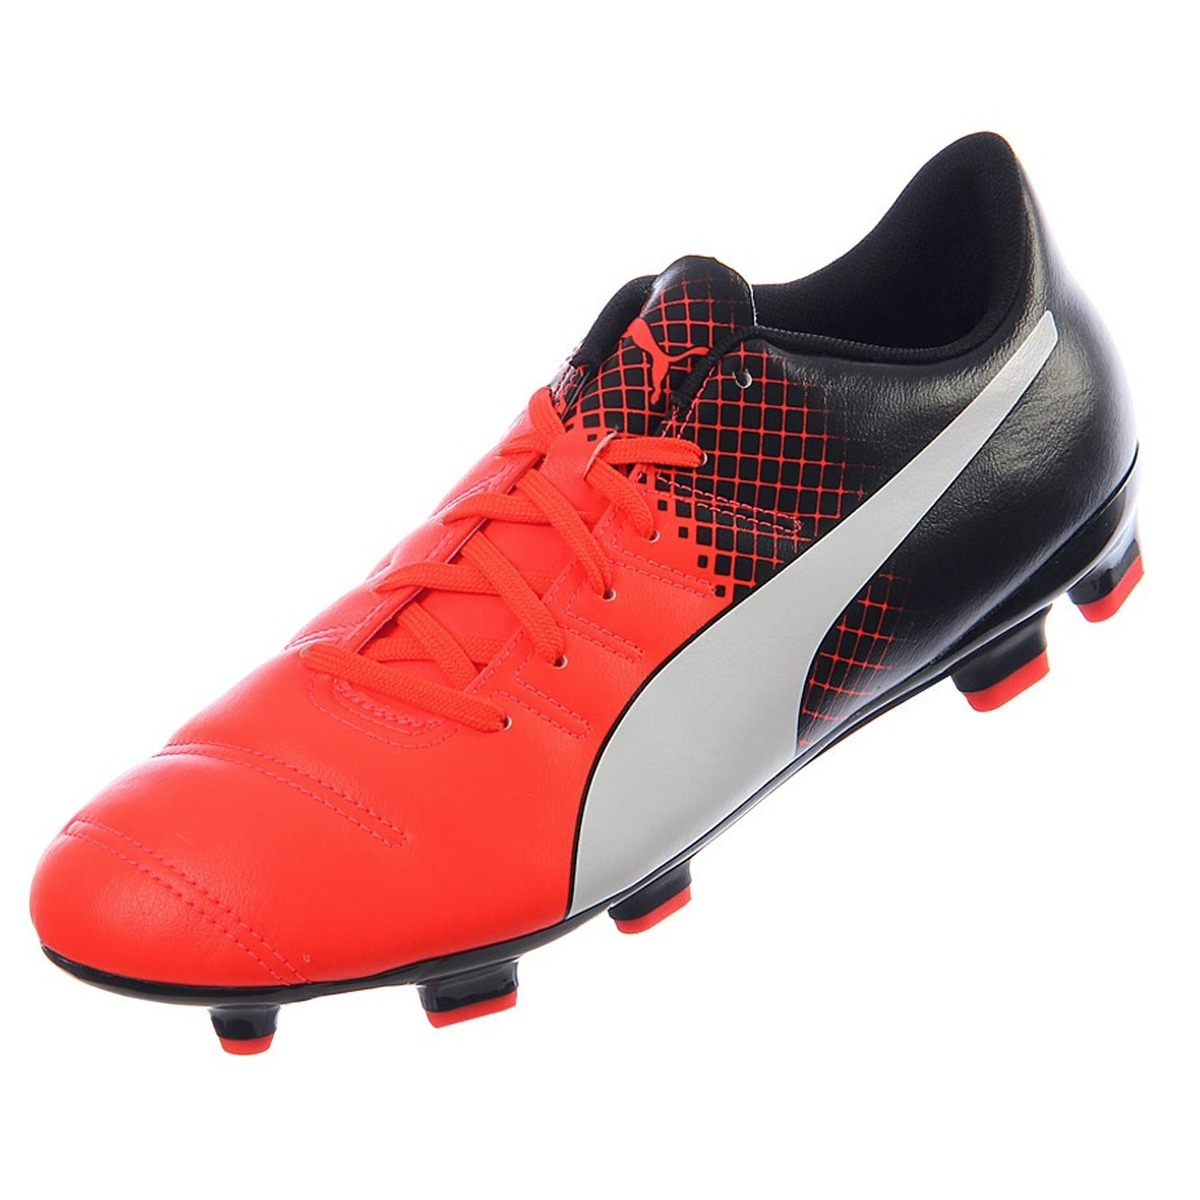 Zapatos Futbol Soccer Evopower 4.3 Eg Hombre 03 Puma 103585 ... bd00cfde98a18